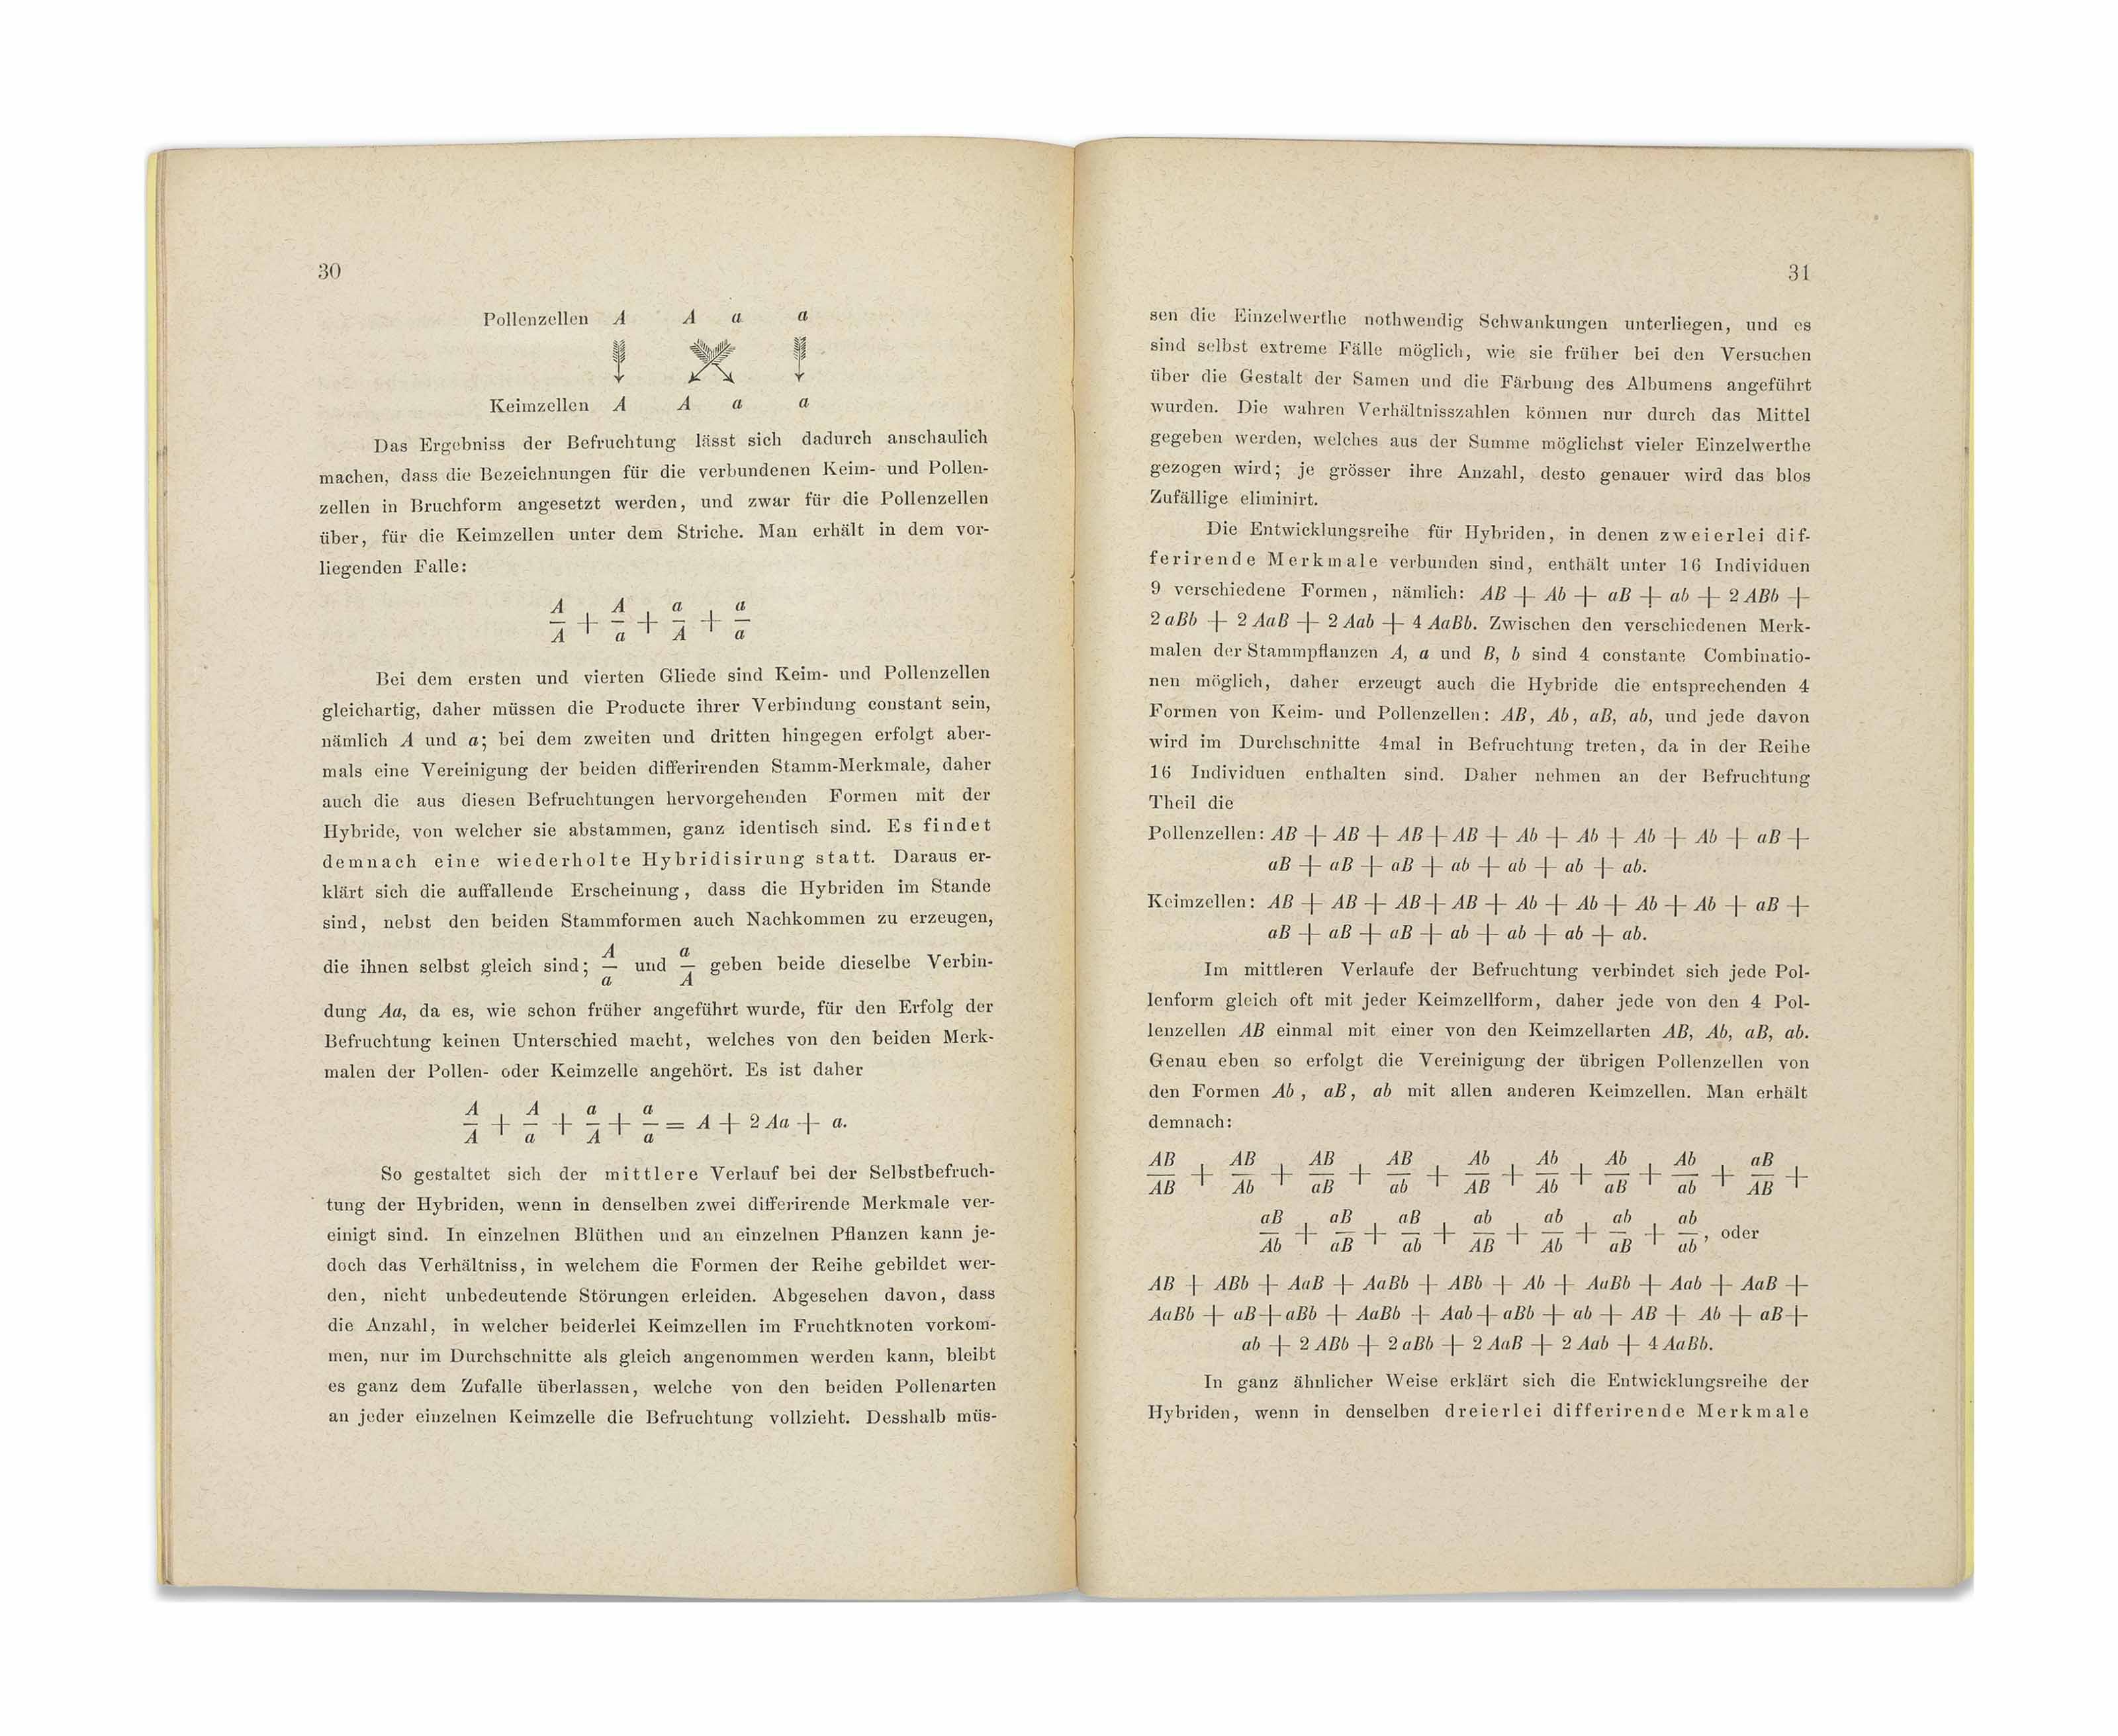 MENDEL, Johann Gregor (1822-1884). 'Versuche über Pflanzen-Hybriden'. Offprint from: Verhandlungen des naturforschenden Vereines in Brünn. Vol. IV (1865). pp. [3]-47. Brno: Georg Gastl for the Naturforschenden Verein, 1866.